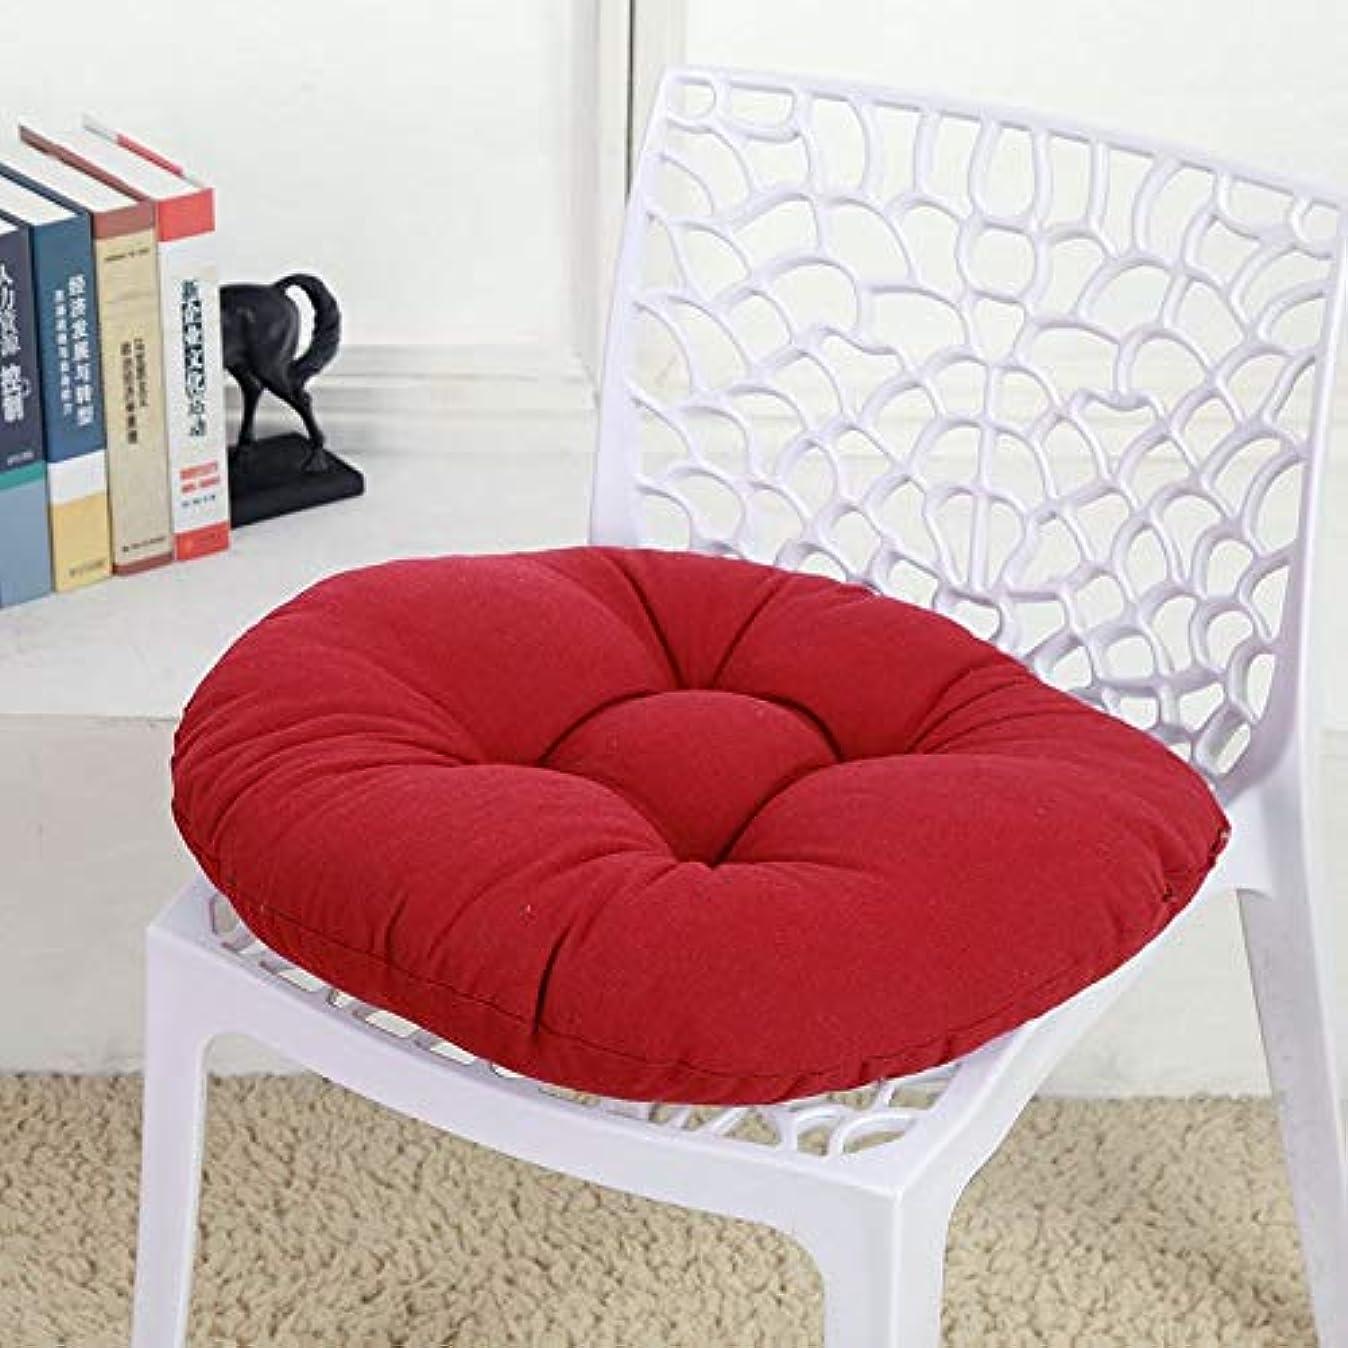 すずめうまくやる()アセLIFE キャンディカラーのクッションラウンドシートクッション波ウィンドウシートクッションクッション家の装飾パッドラウンド枕シート枕椅子座る枕 クッション 椅子